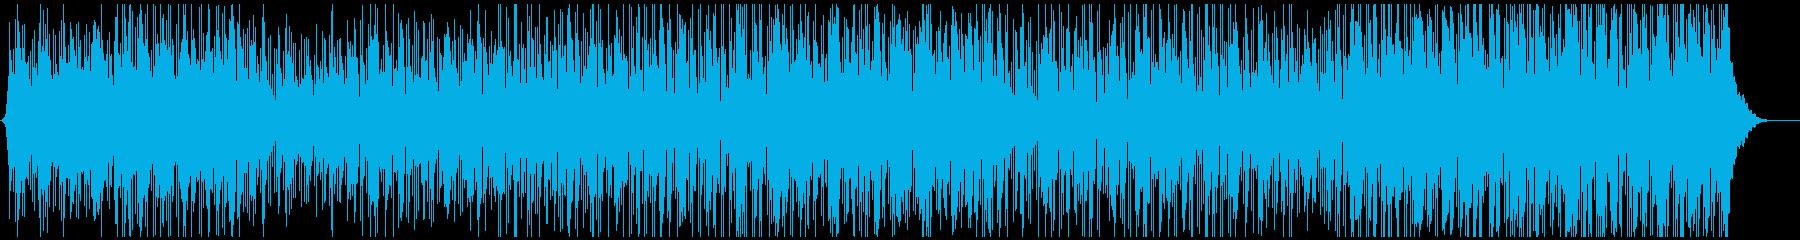 レトロ歌謡、ボサノバBGMの再生済みの波形